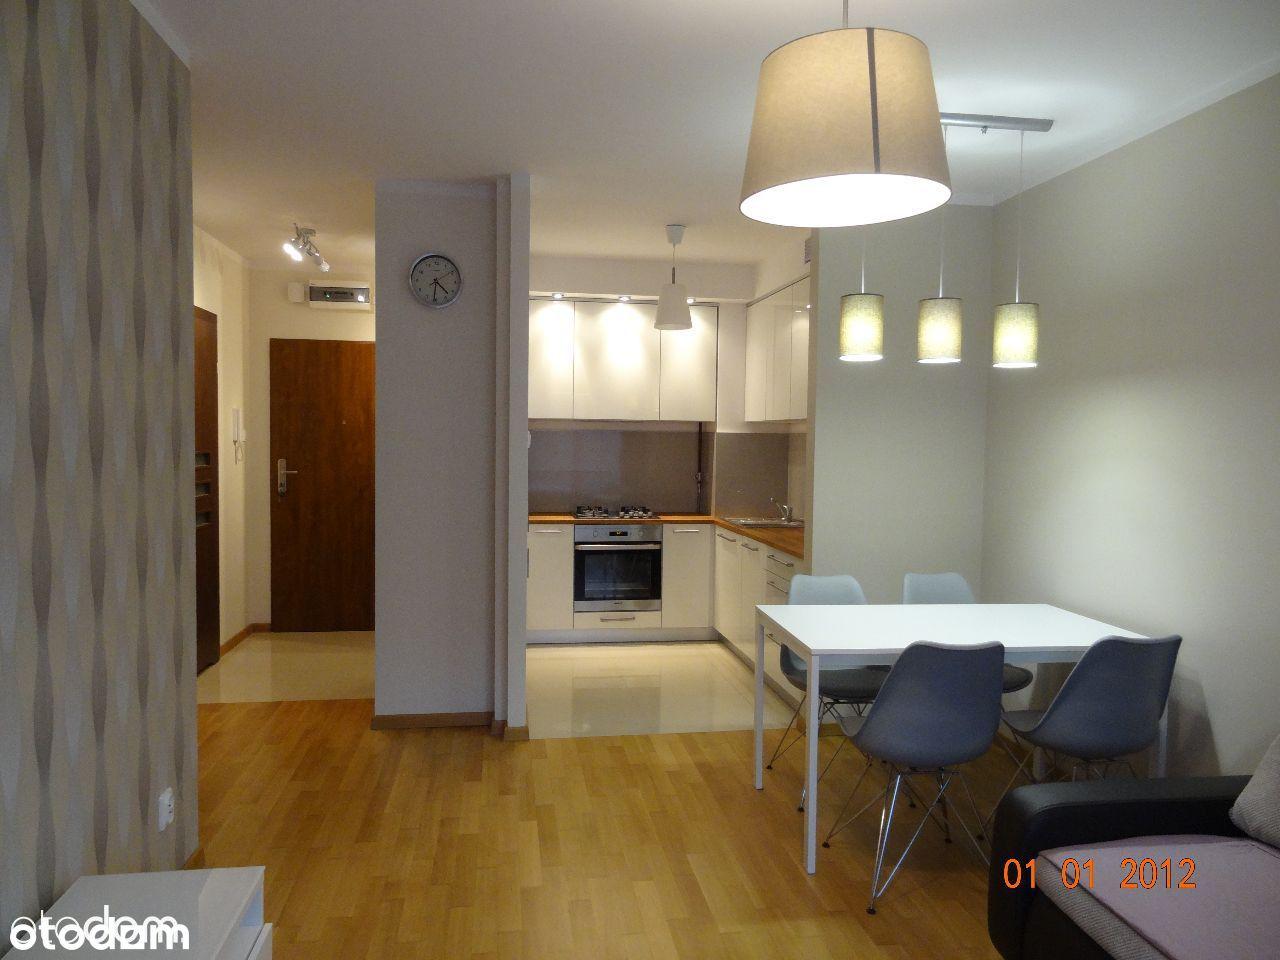 Mieszkanie 2 pokojowe, 42m2, Piaseczno